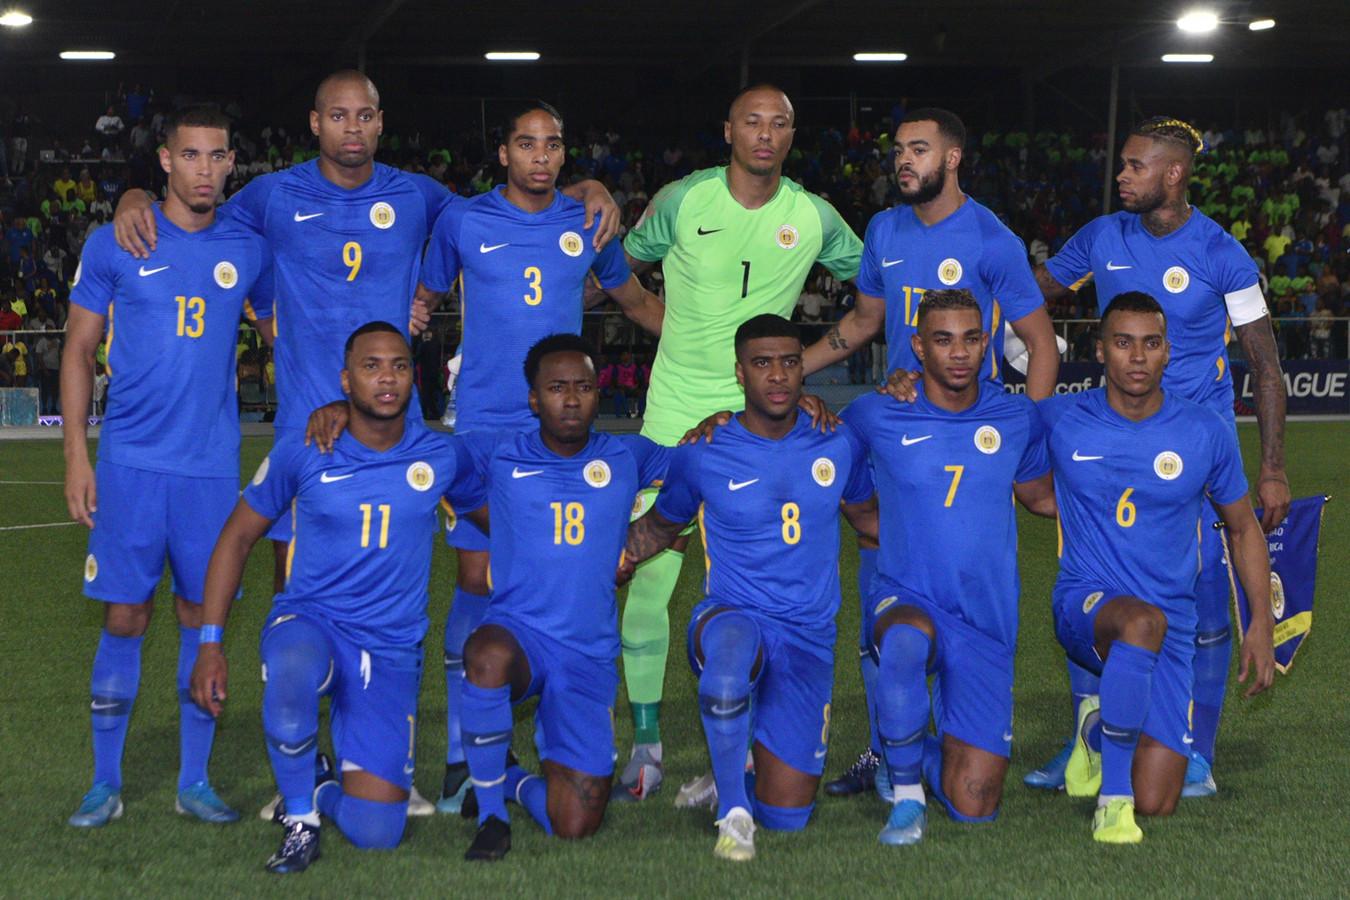 De elf van Curaçao voor de wedstrijd tegen Costa Rica, met doelman Eloy Room.